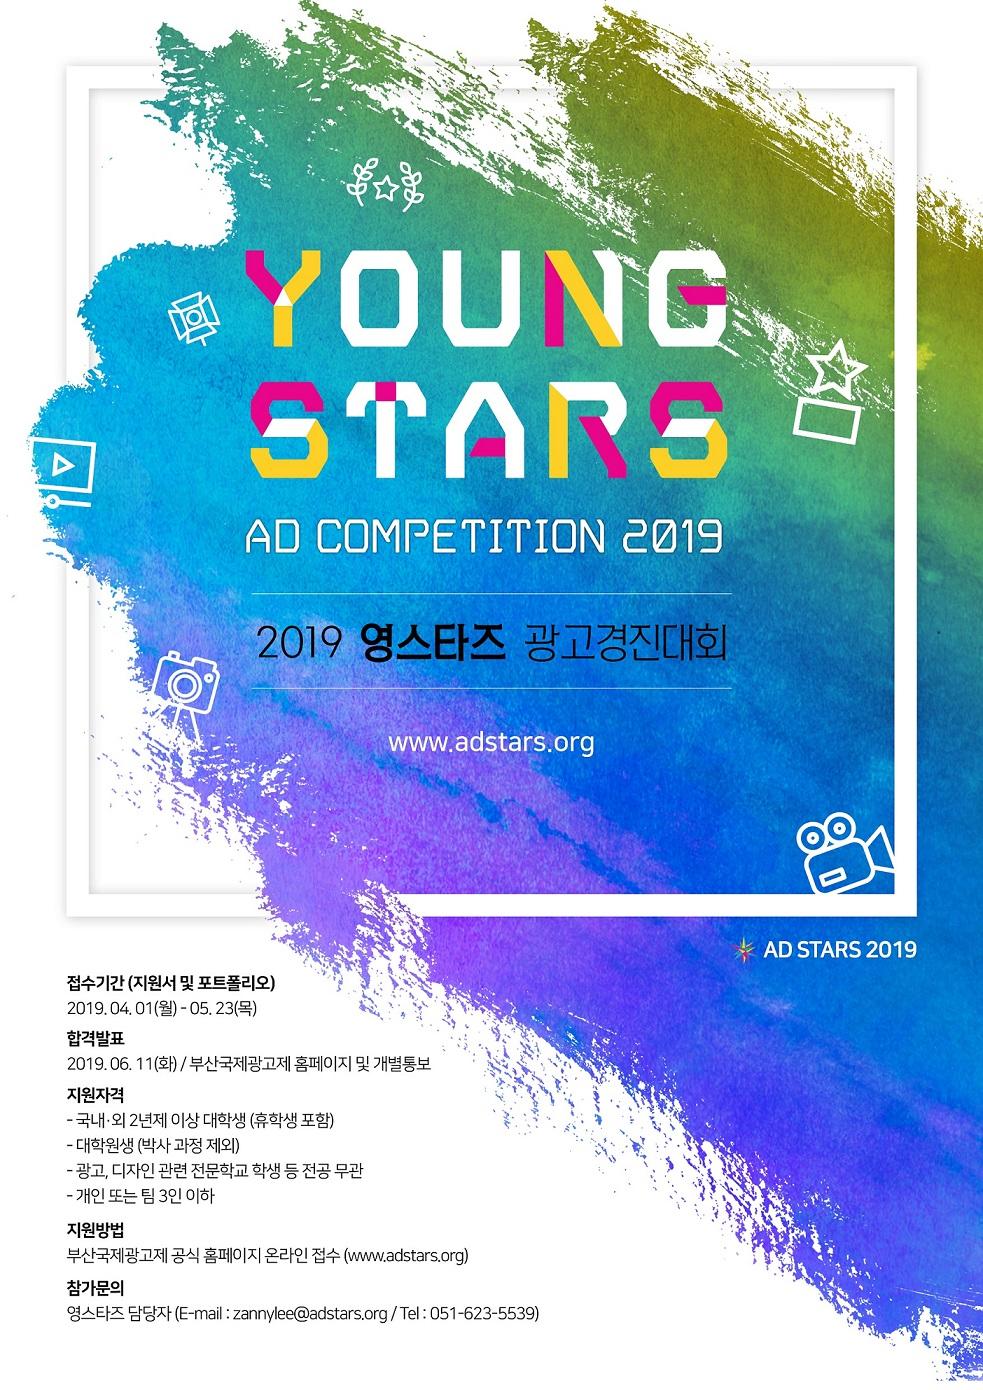 2019 부산국제광고제 영스타즈 광고경진대회(Young Stars AD Competition 2019)